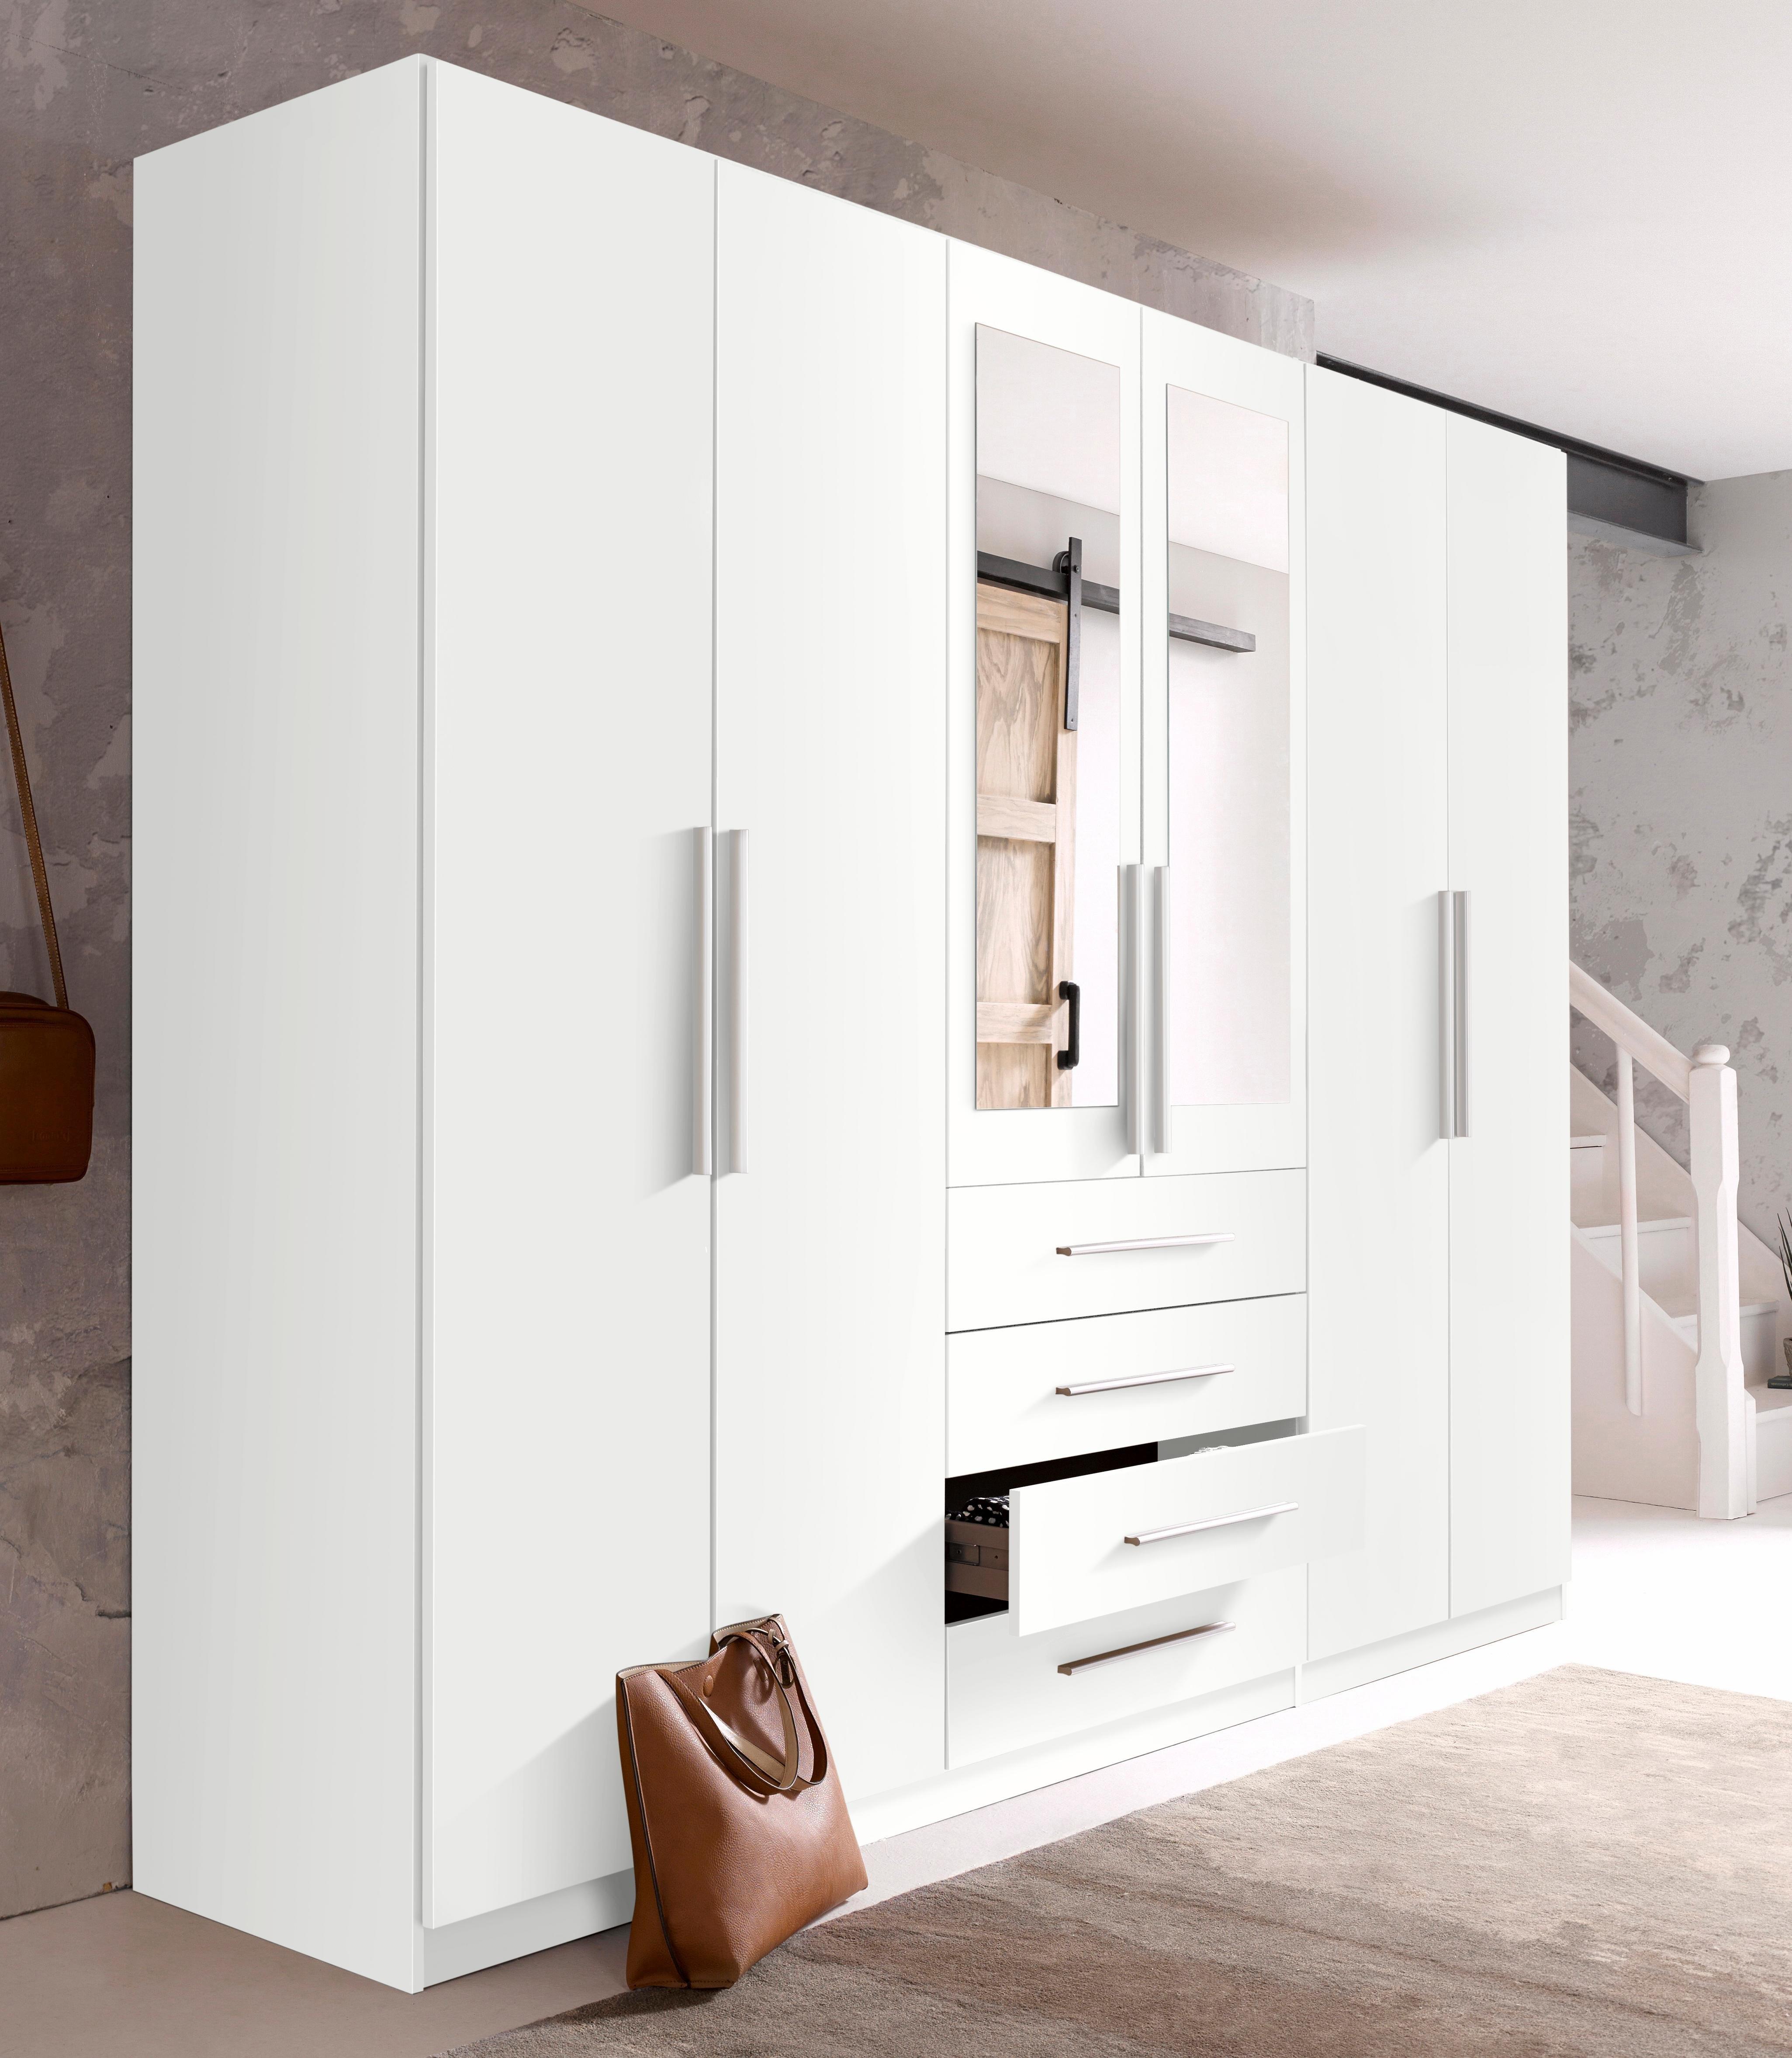 Witte Kledingkast Met Spiegel.Kledingkast Kopen Finest Elegant Witte Kledingkast With Kledingkast